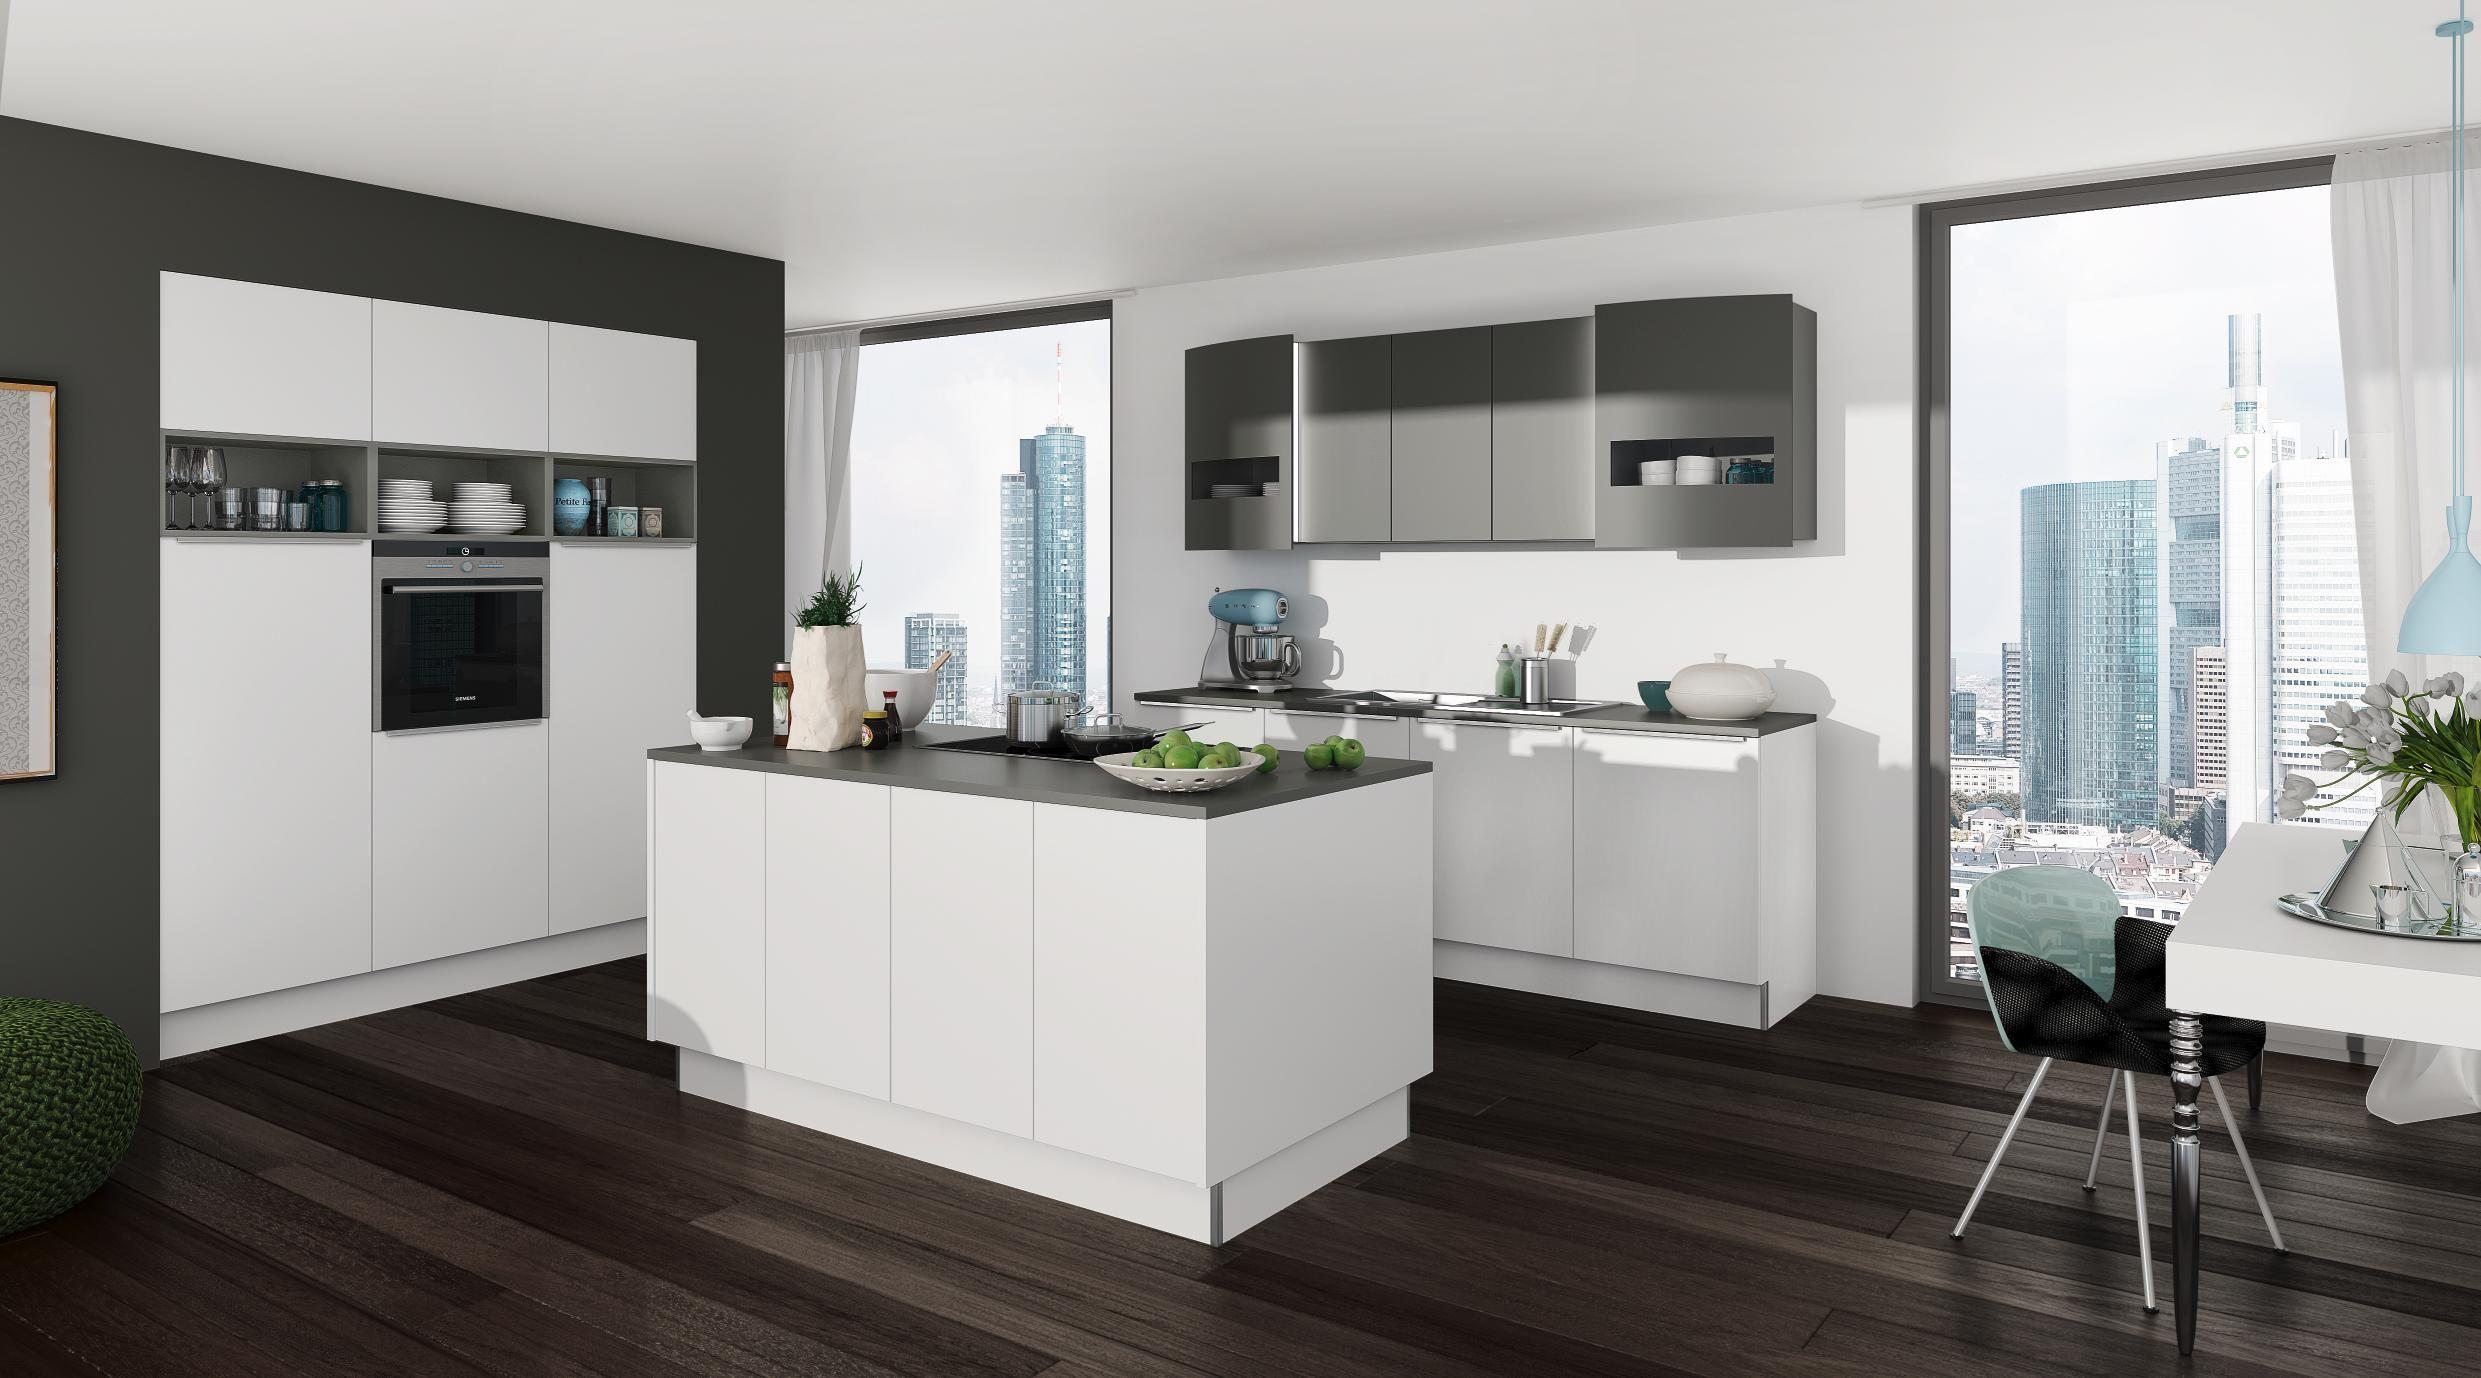 Einbaukuche Von Dieter Knoll Home Decor Kitchen Home